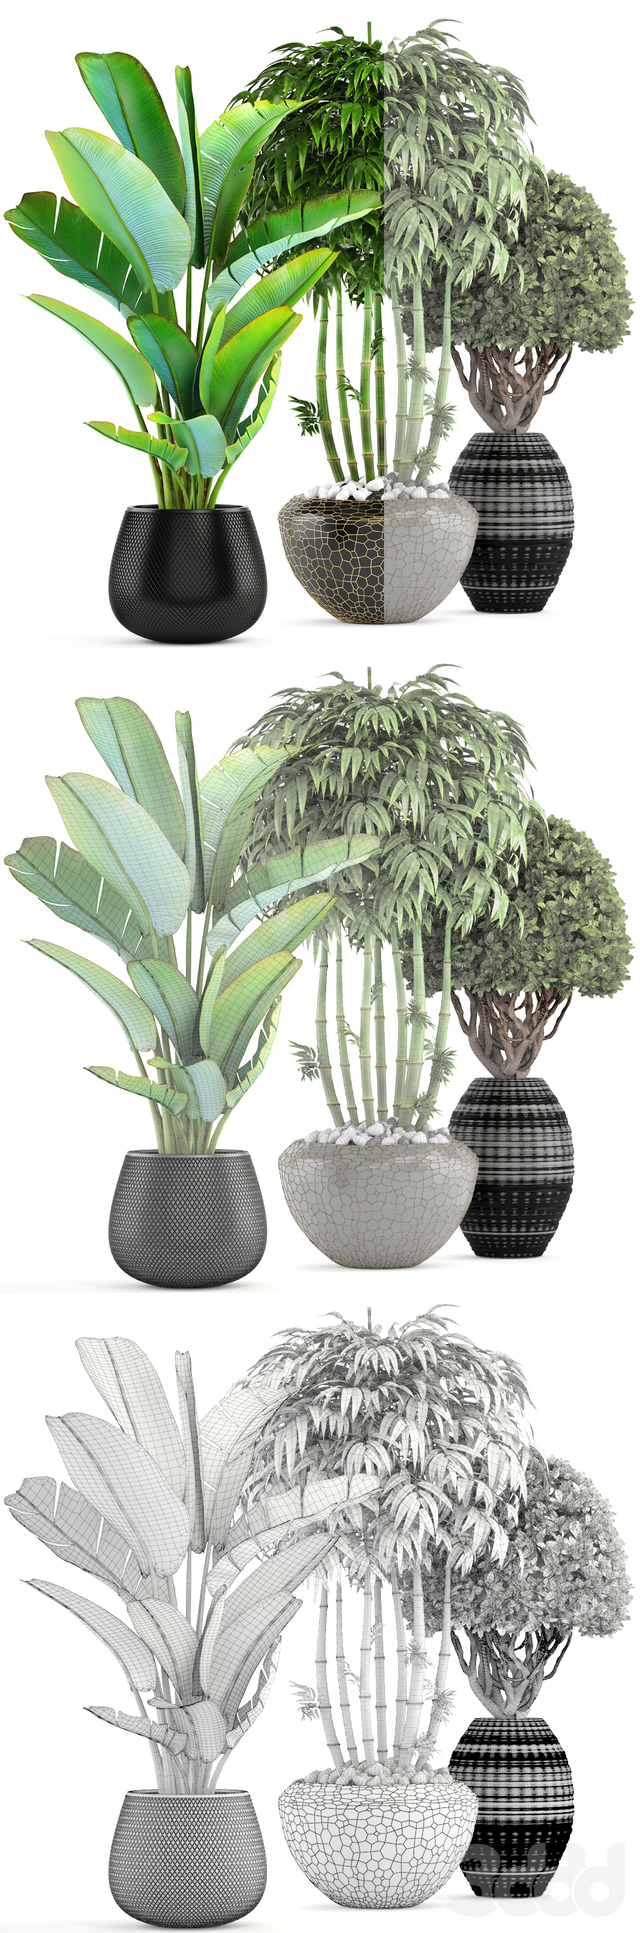 Коллекция растений 137.